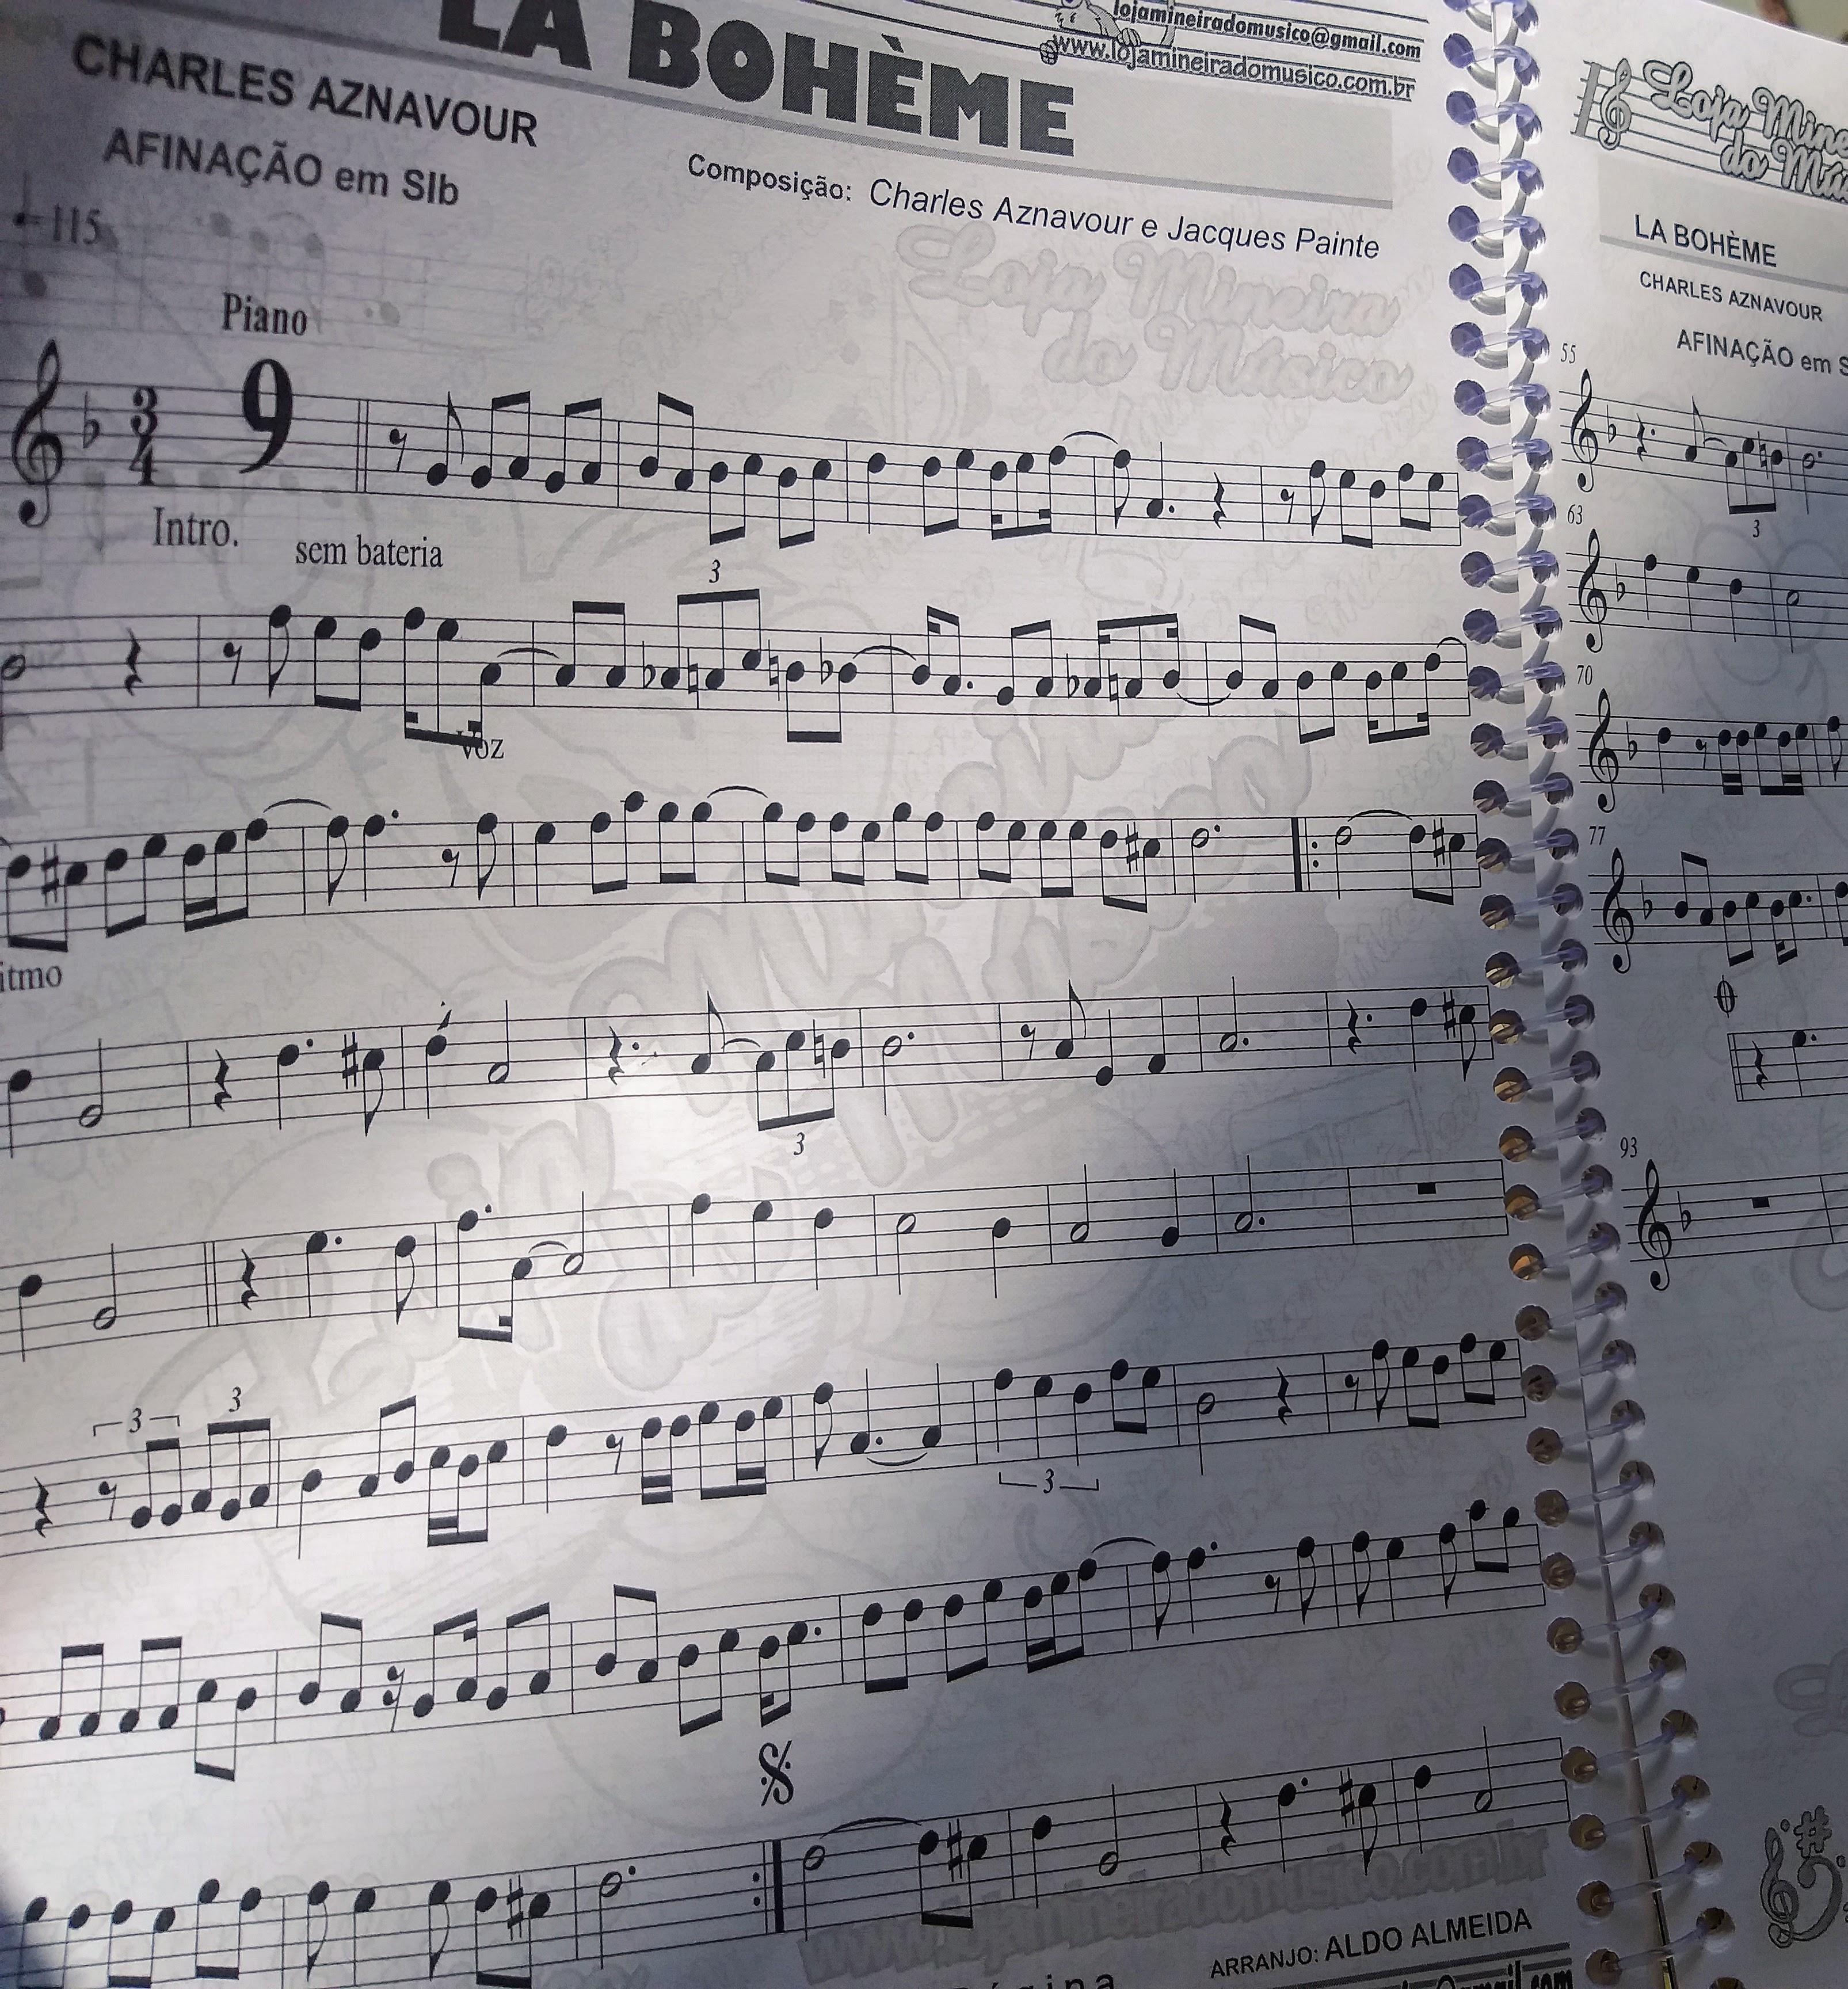 Como encontrar qualquer música na partitura @LojaMineiradoMusico Internacional Partitura